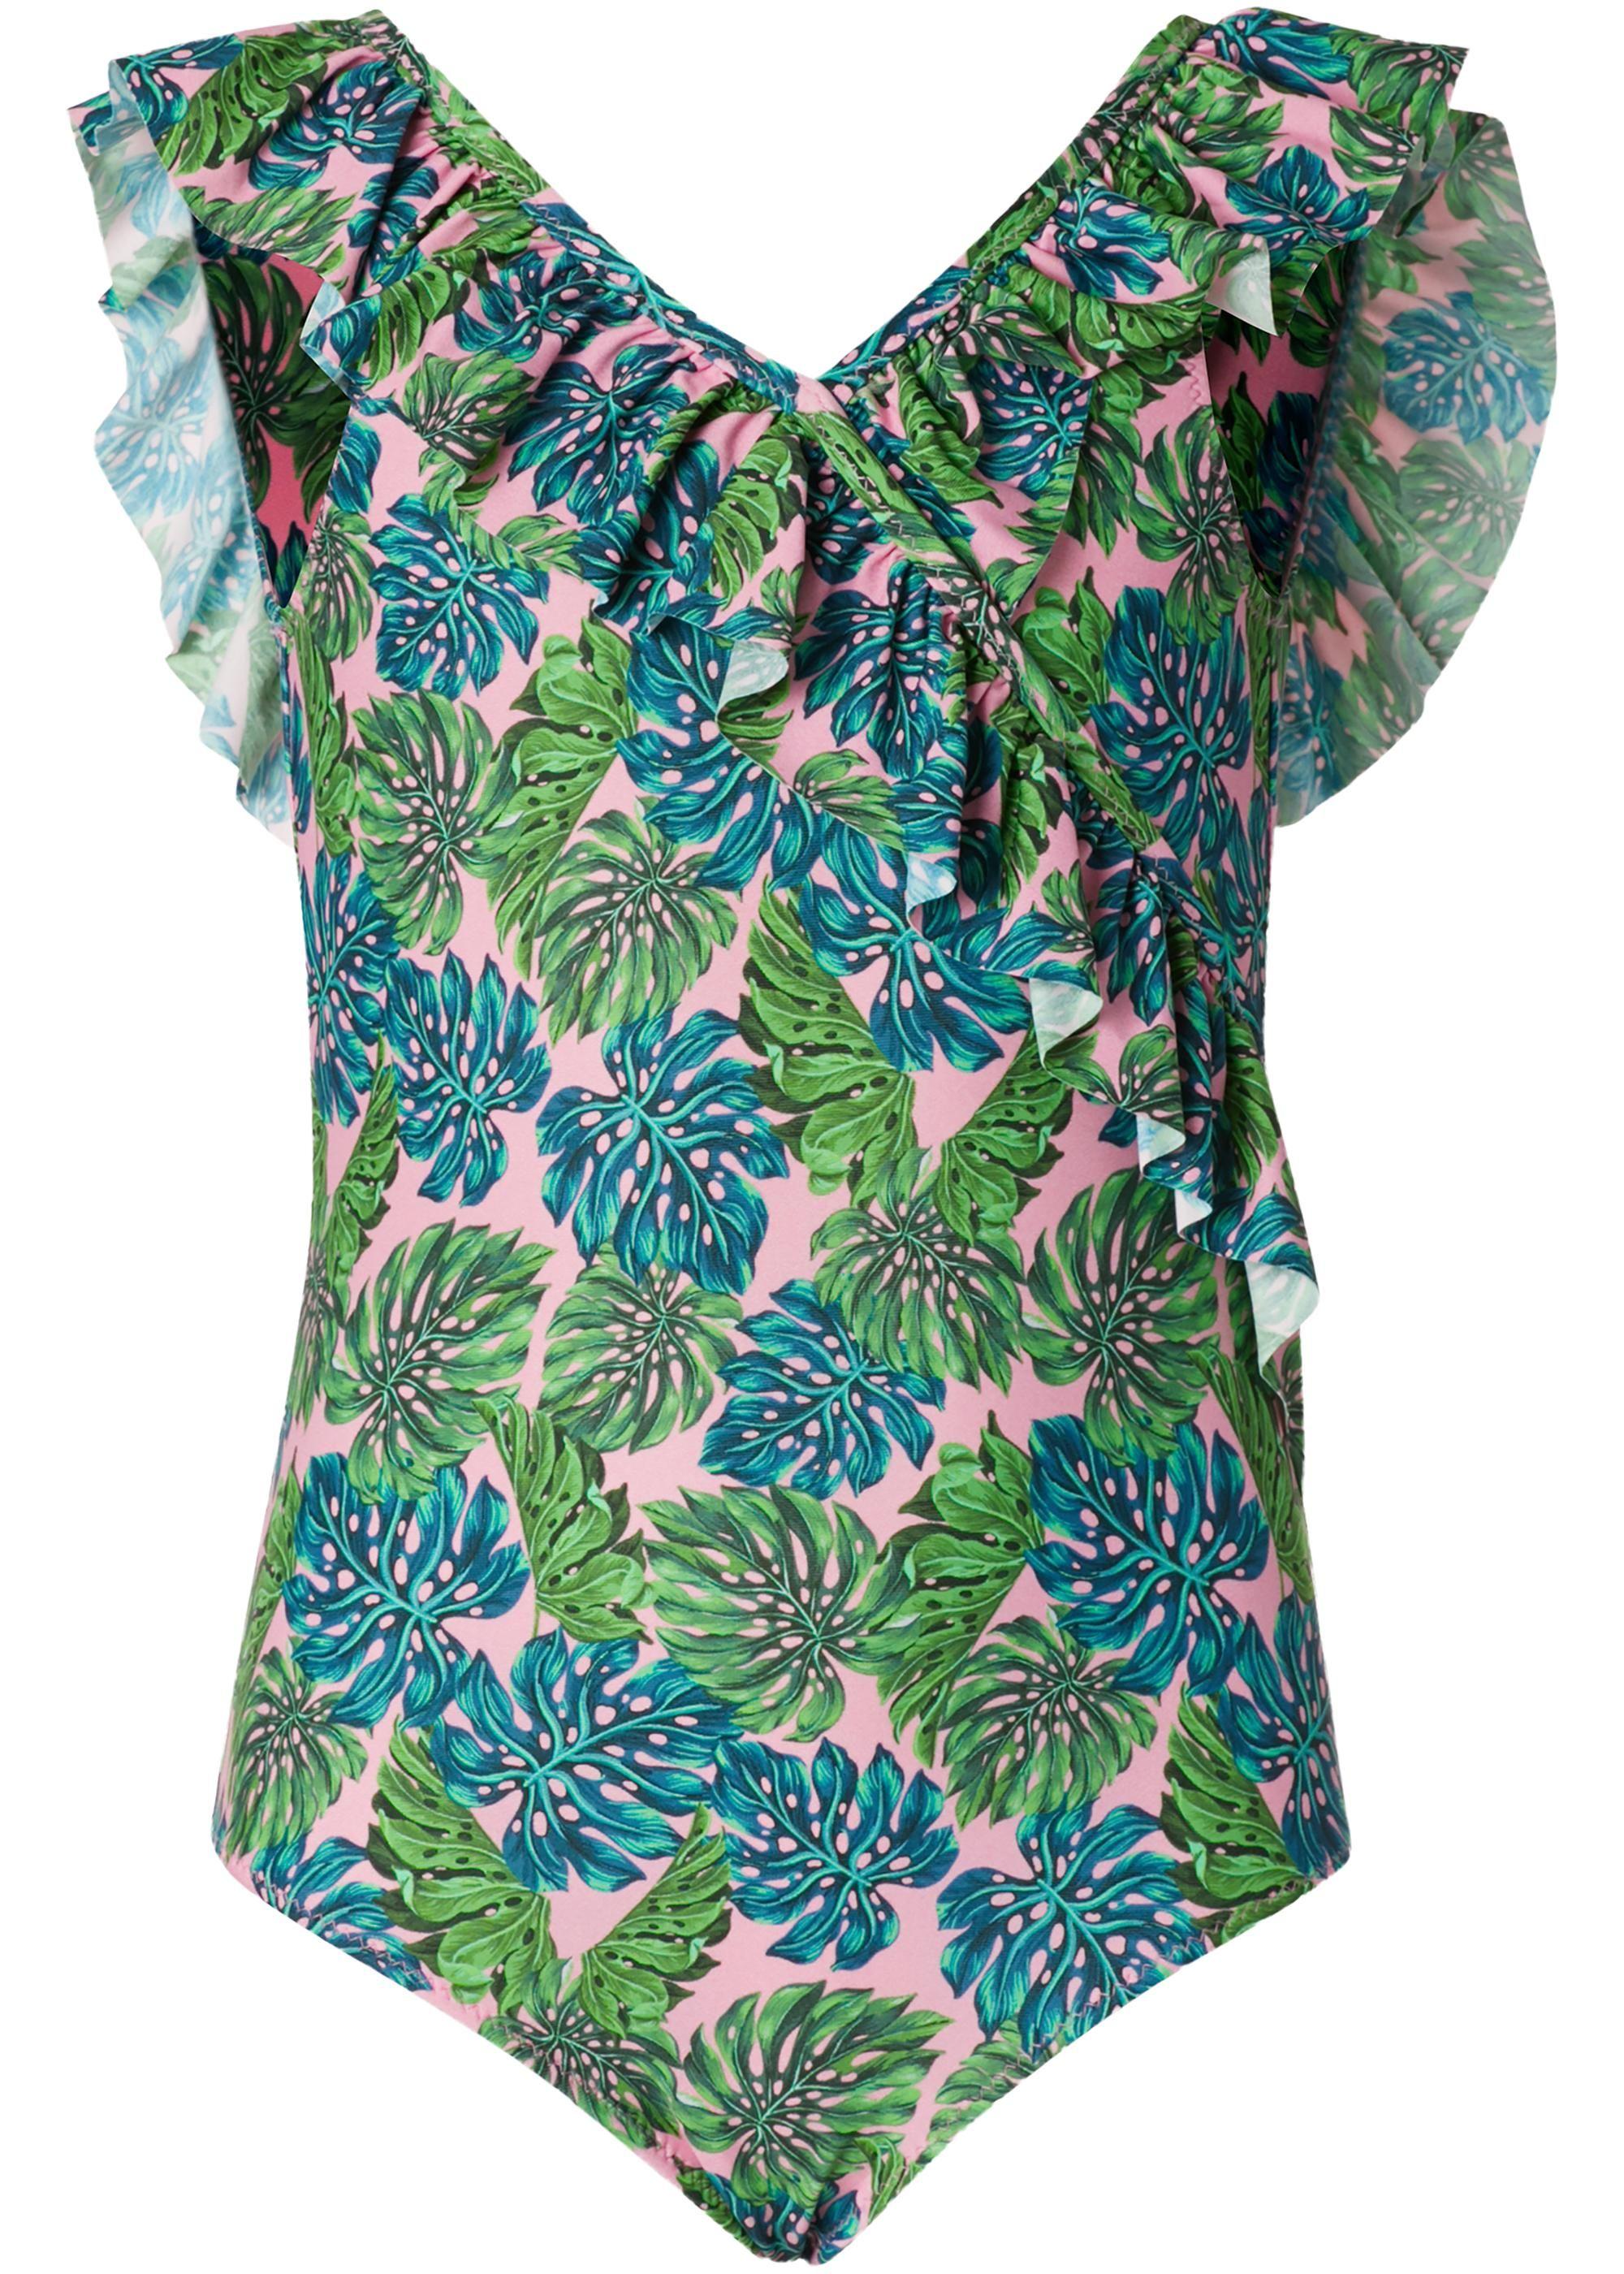 e43829ef1453 Bañador Entero Niña Follaje Tropical - Calzedonia   Mini fashion ...